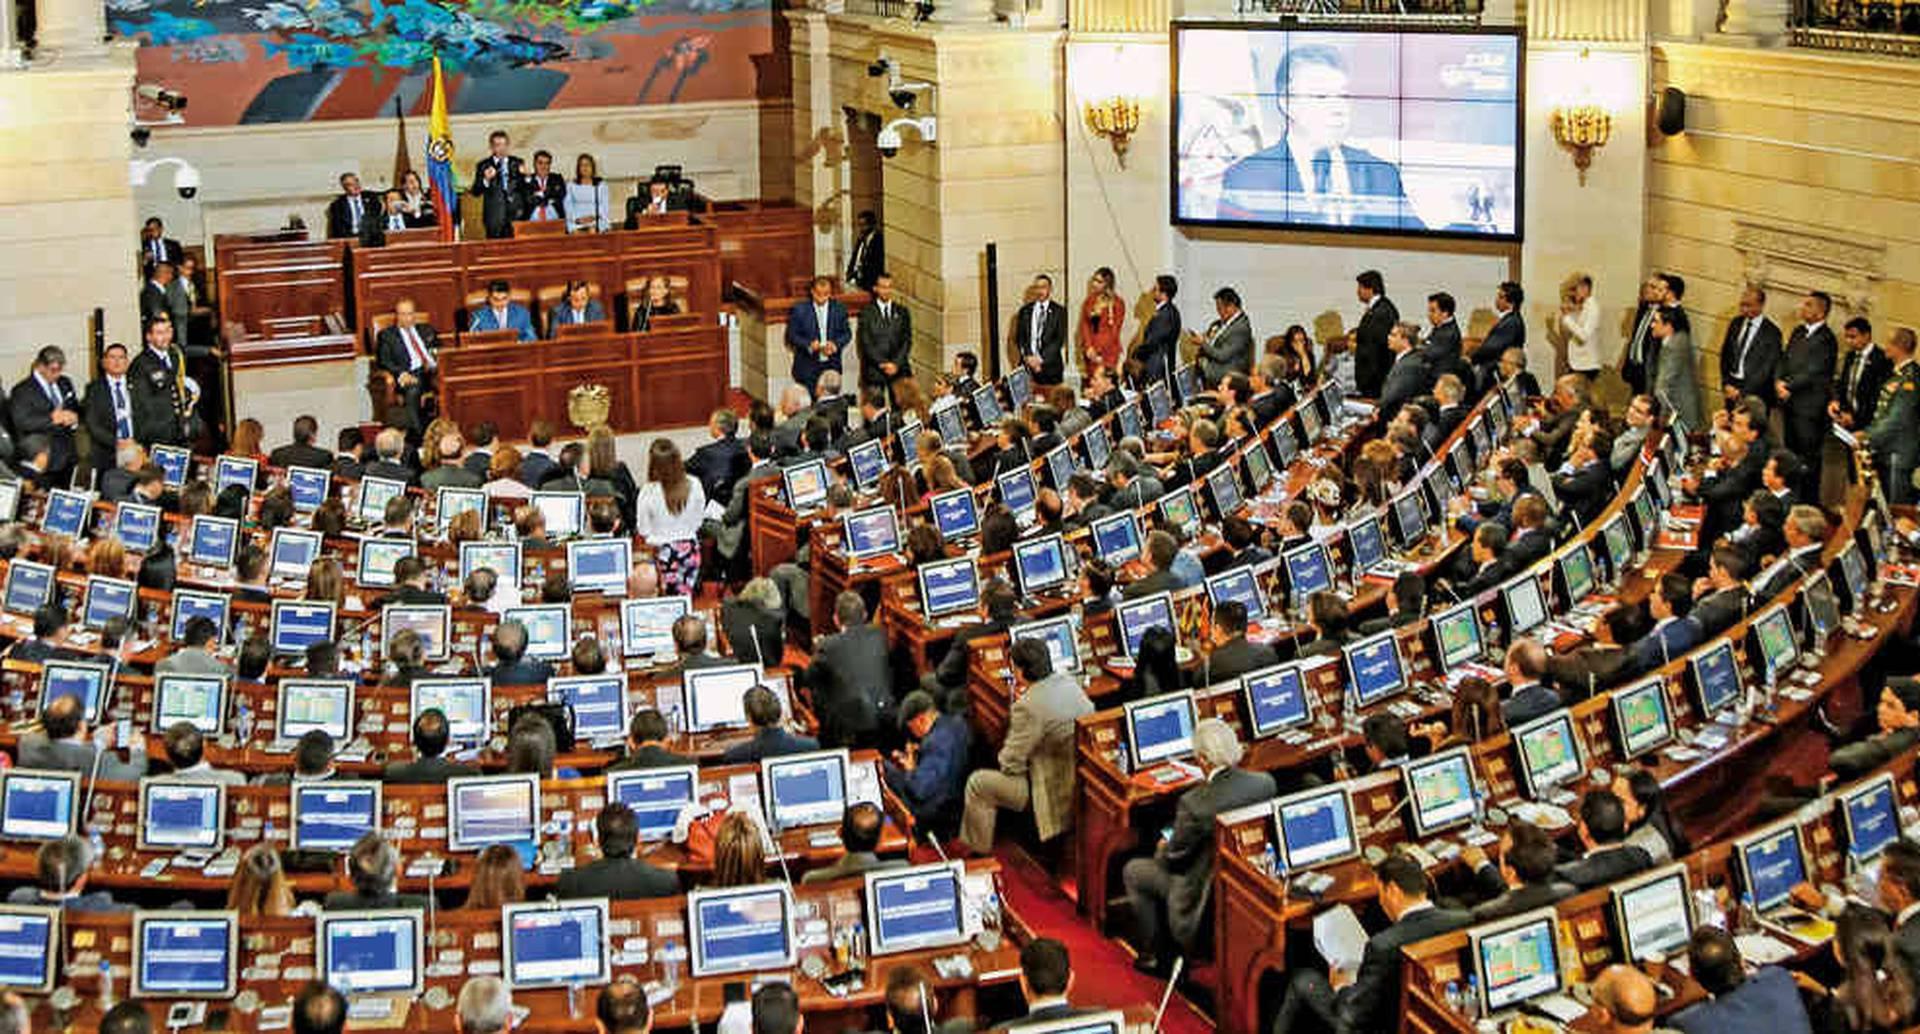 Hasta ahora, el país ha visto en el Congreso más control político que apoyo a las reformas propuestas por el presidente Duque.